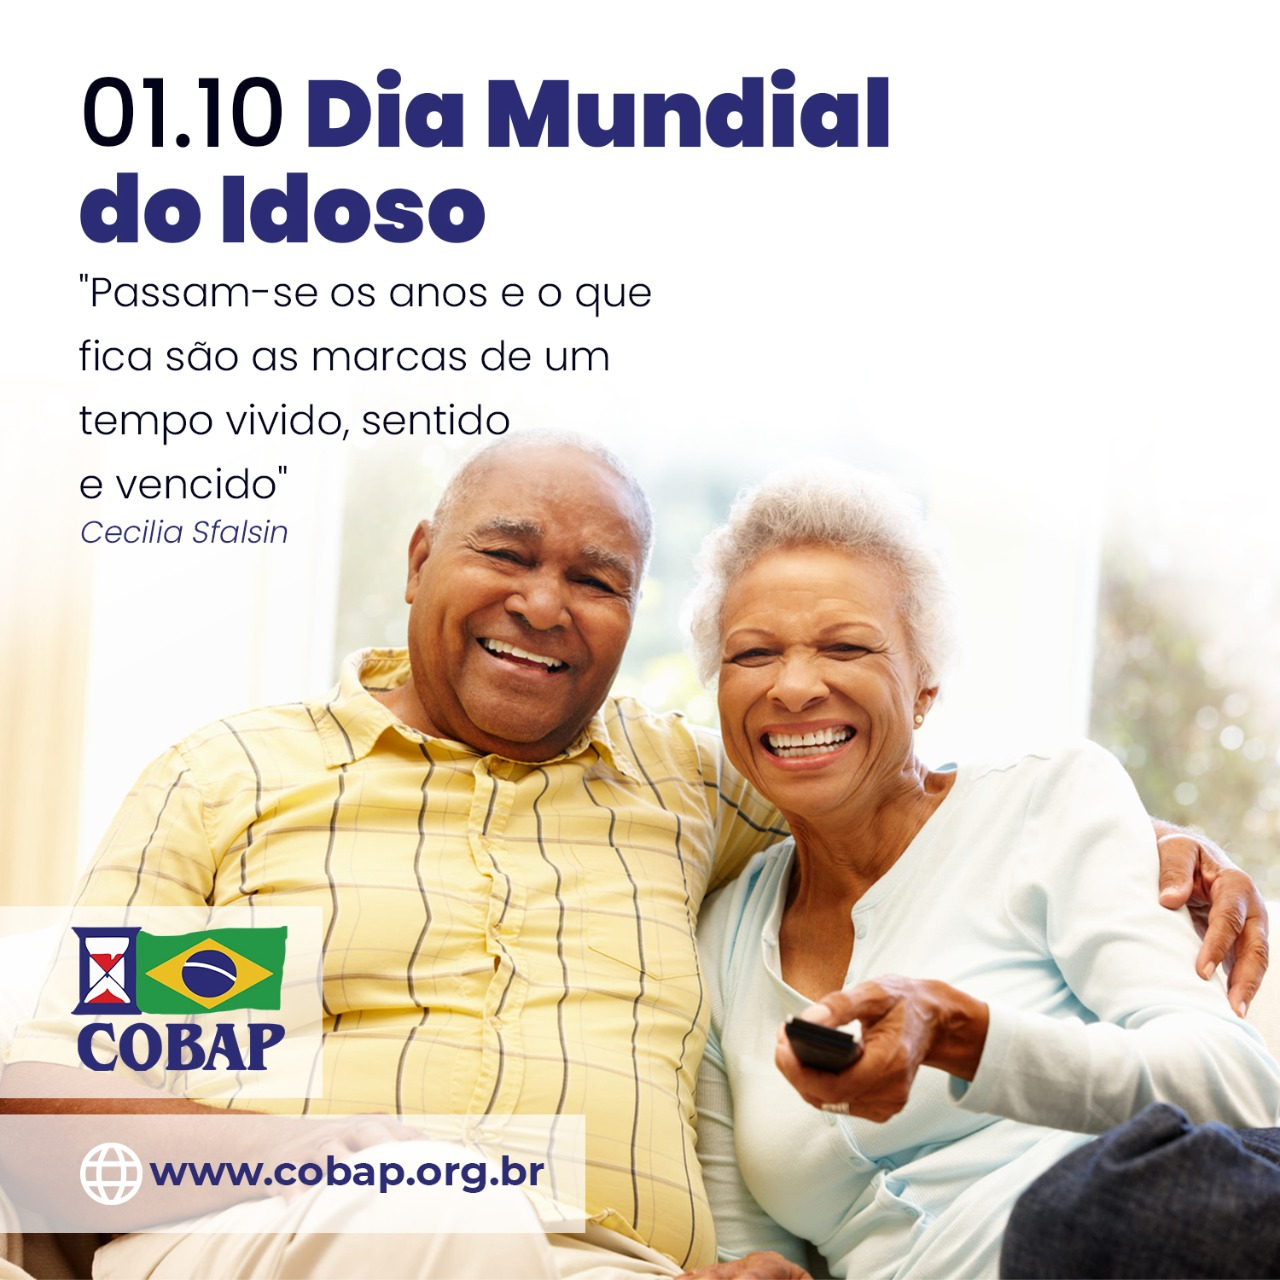 DIA MUNDIAL DO IDOSO